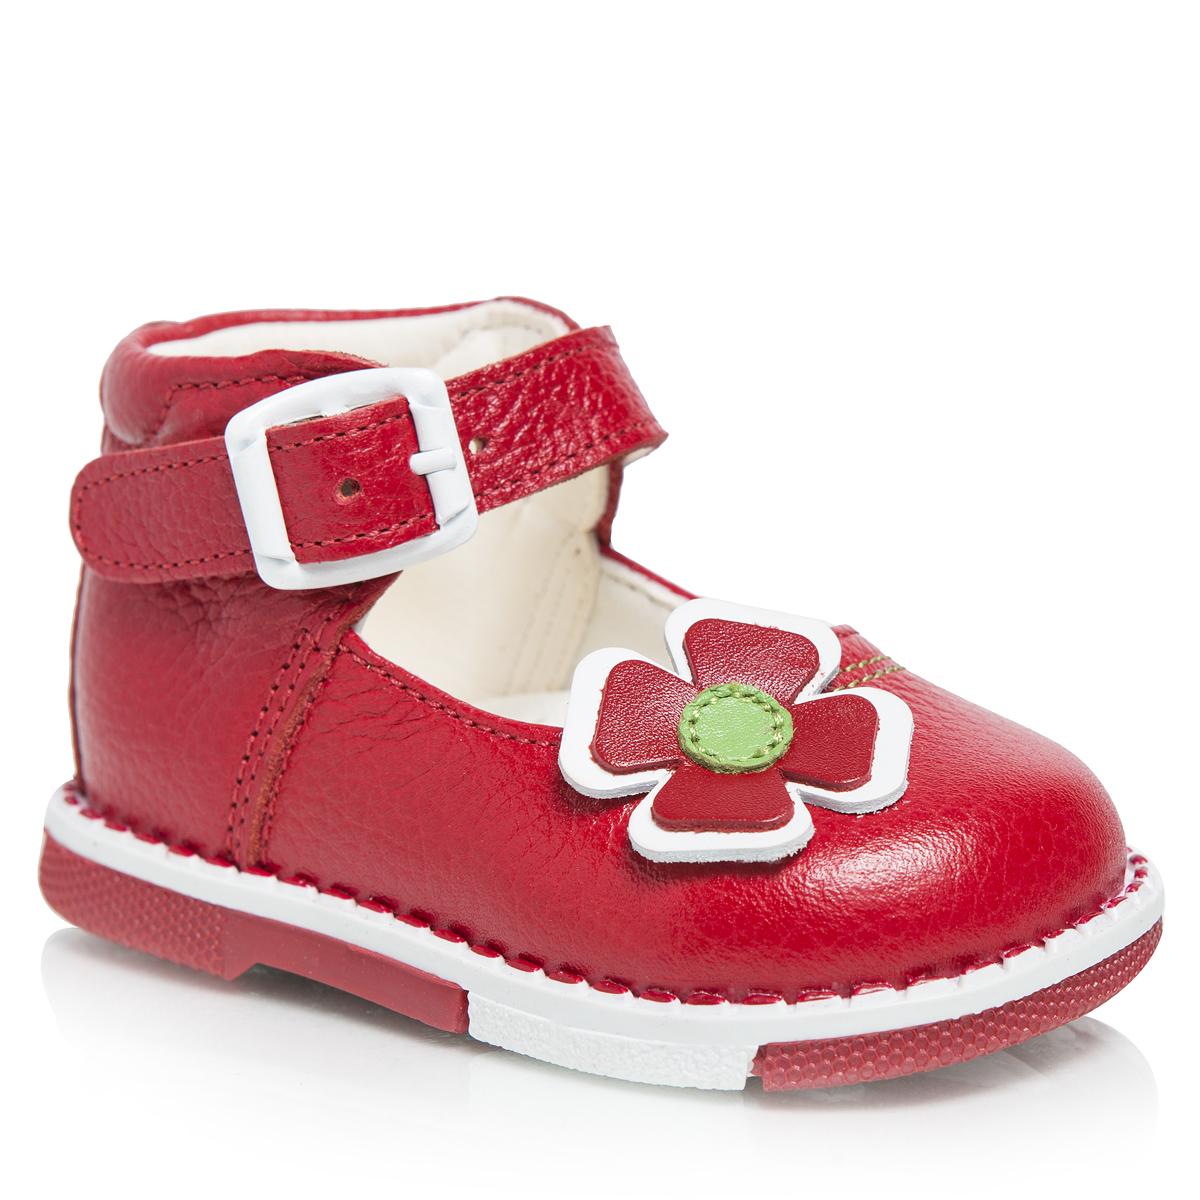 Туфли для девочки. 122122-121Прелестные туфли от Таши Орто очаруют вашу малышку с первого взгляда! Модель выполнена из натуральной высококачественной кожи и оформлена прострочкой, задним наружным ремнем, аппликацией в виде двойного цветочка. Полужесткий закрытый задник и ремешок с застежкой-пряжкой надежно фиксируют ножку ребенка, не давая ей смещаться из стороны в сторону и назад. Длина ремешка регулируется за счет болта. Стелька из натуральной кожи дополнена супинатором с перфорацией, который обеспечивает правильное положение ноги ребенка при ходьбе, предотвращает плоскостопие. Ортопедический каблук, продленный с внутренней стороны подошвы, препятствует заваливанию стопы внутрь. Гибкая подошва позволяет сгибаться детской стопе при ходьбе или беге анатомически правильно, в 1/3 стопы, а не посередине. Рифленая поверхность подошвы защищает изделие от скольжения. Яркие стильные туфли поднимут настроение вам и вашей дочурке!